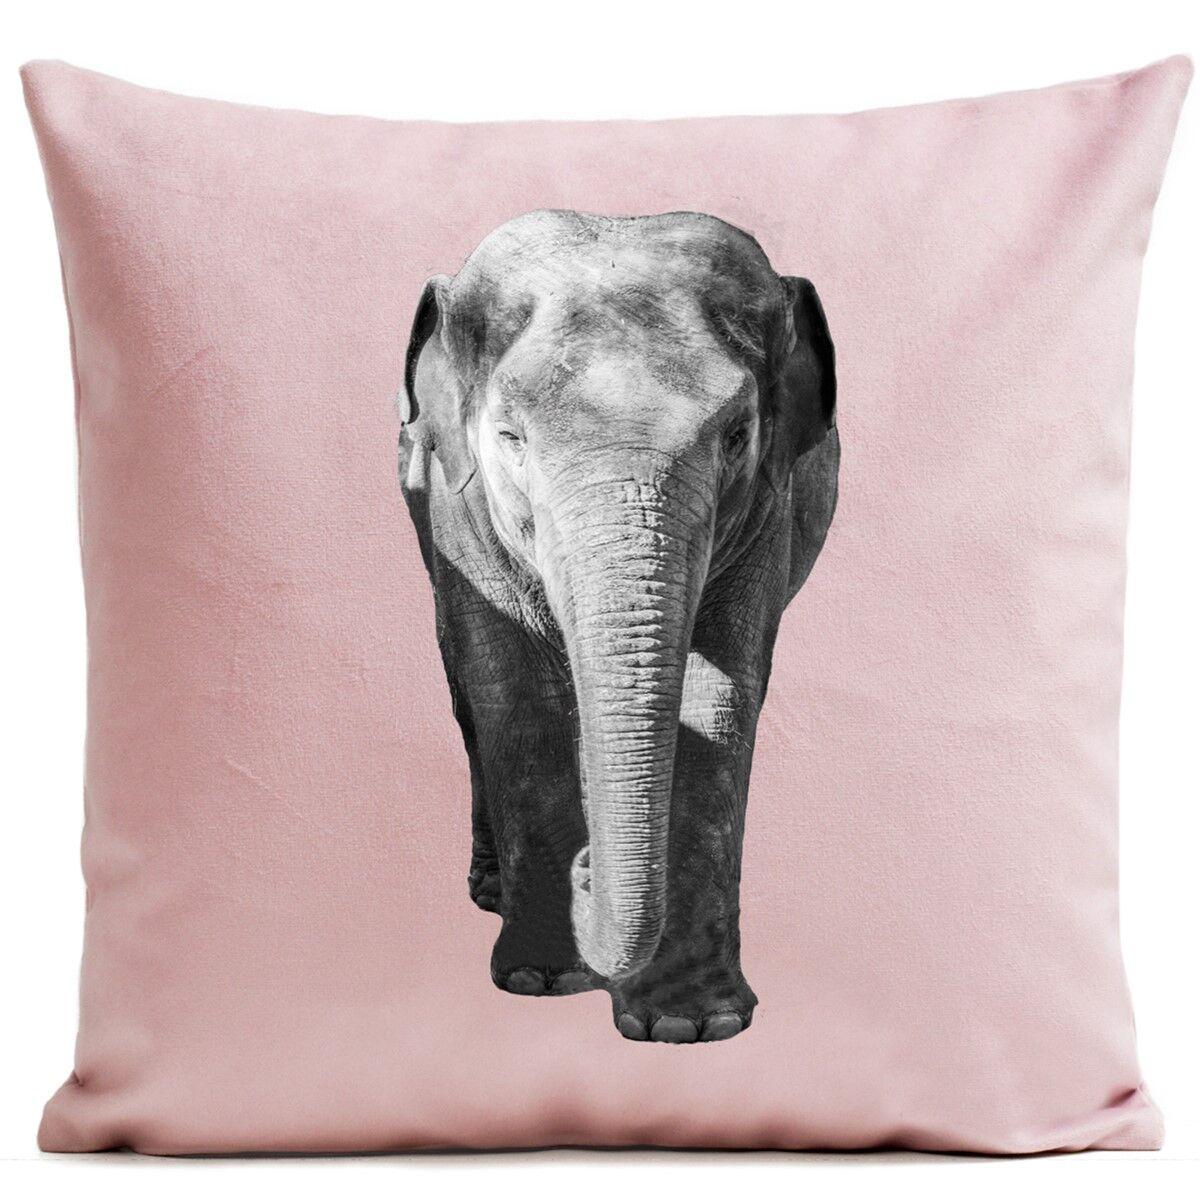 Artpilo Coussin velours carré imprimé animaux rose pastel 60x60